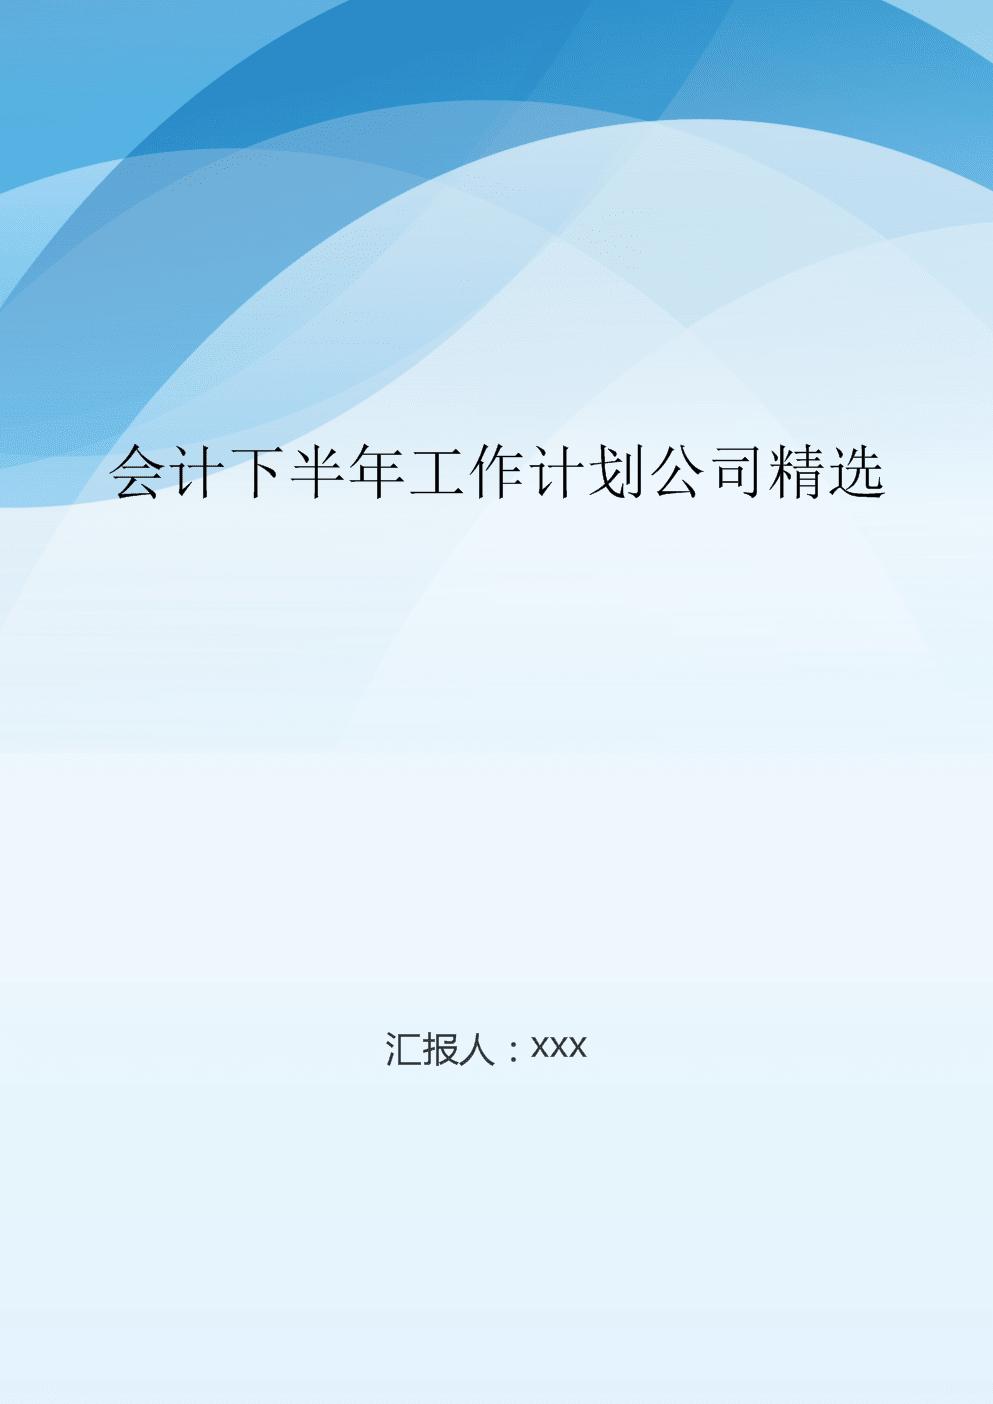 会计下半年工作计划公司精选.doc